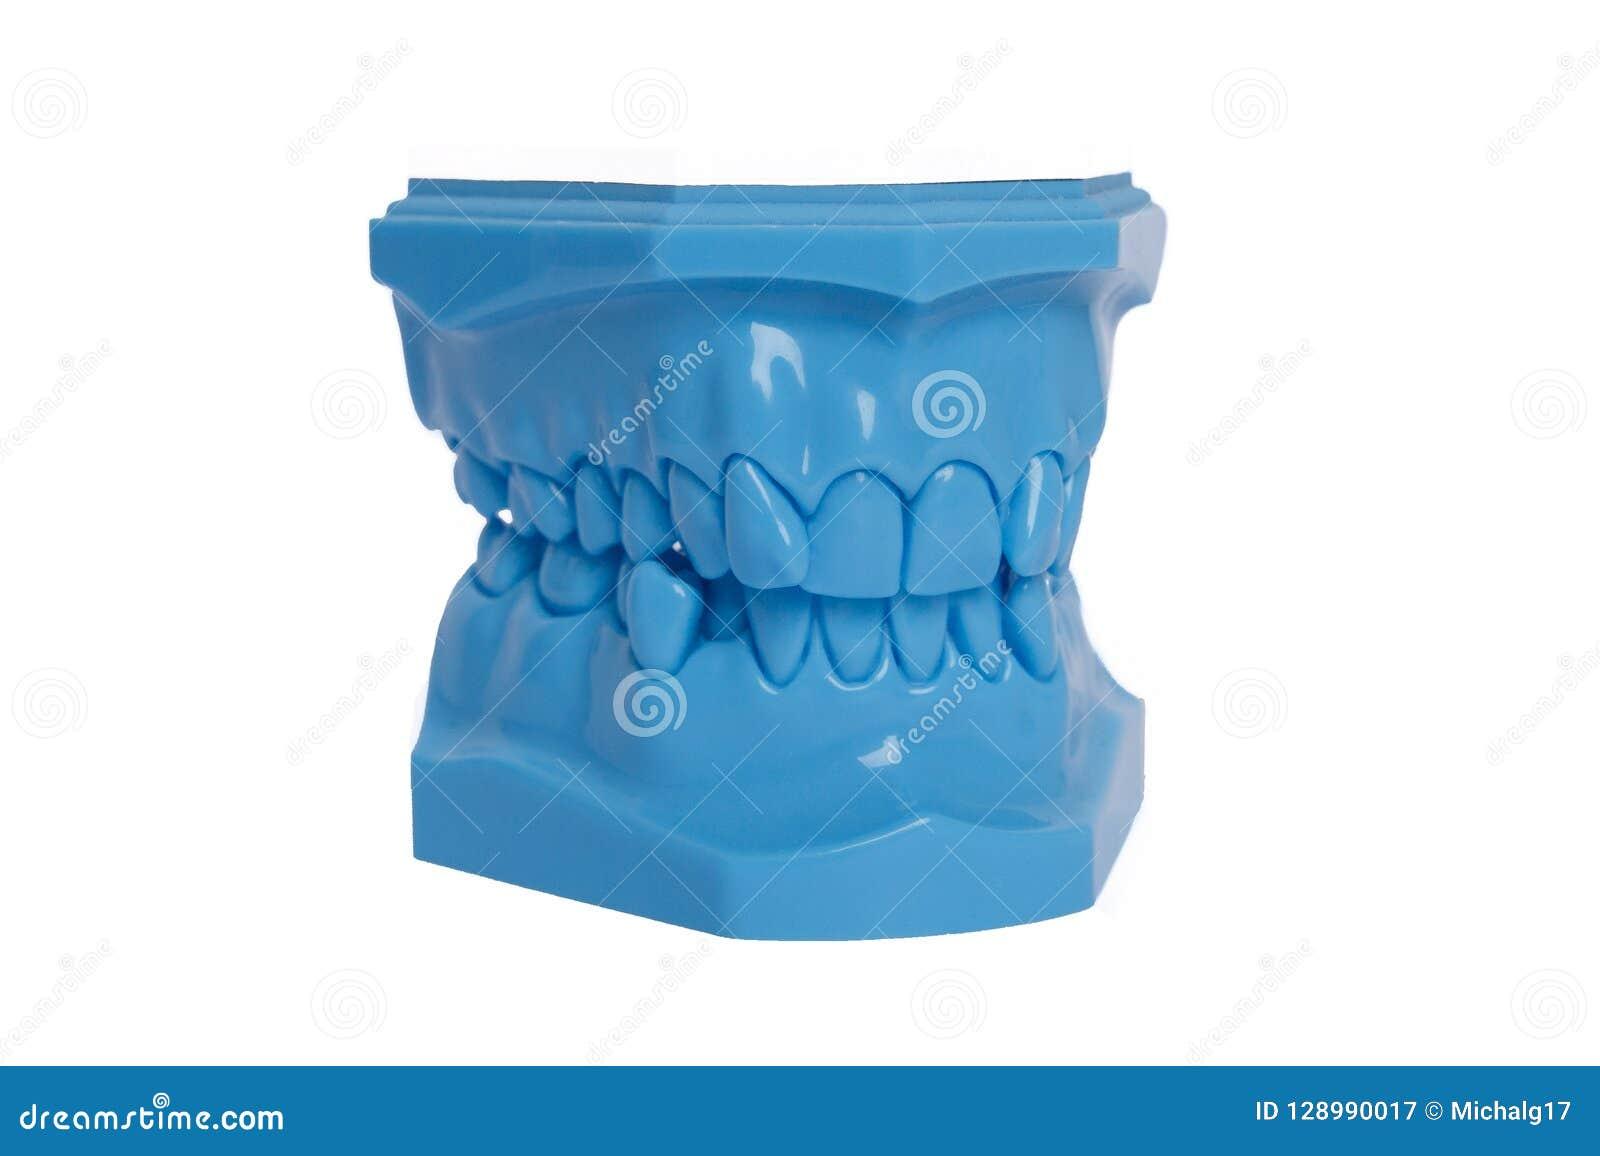 Modèle bleu orthodontique utilisé en art dentaire pour la démonstration et les buts éducatifs